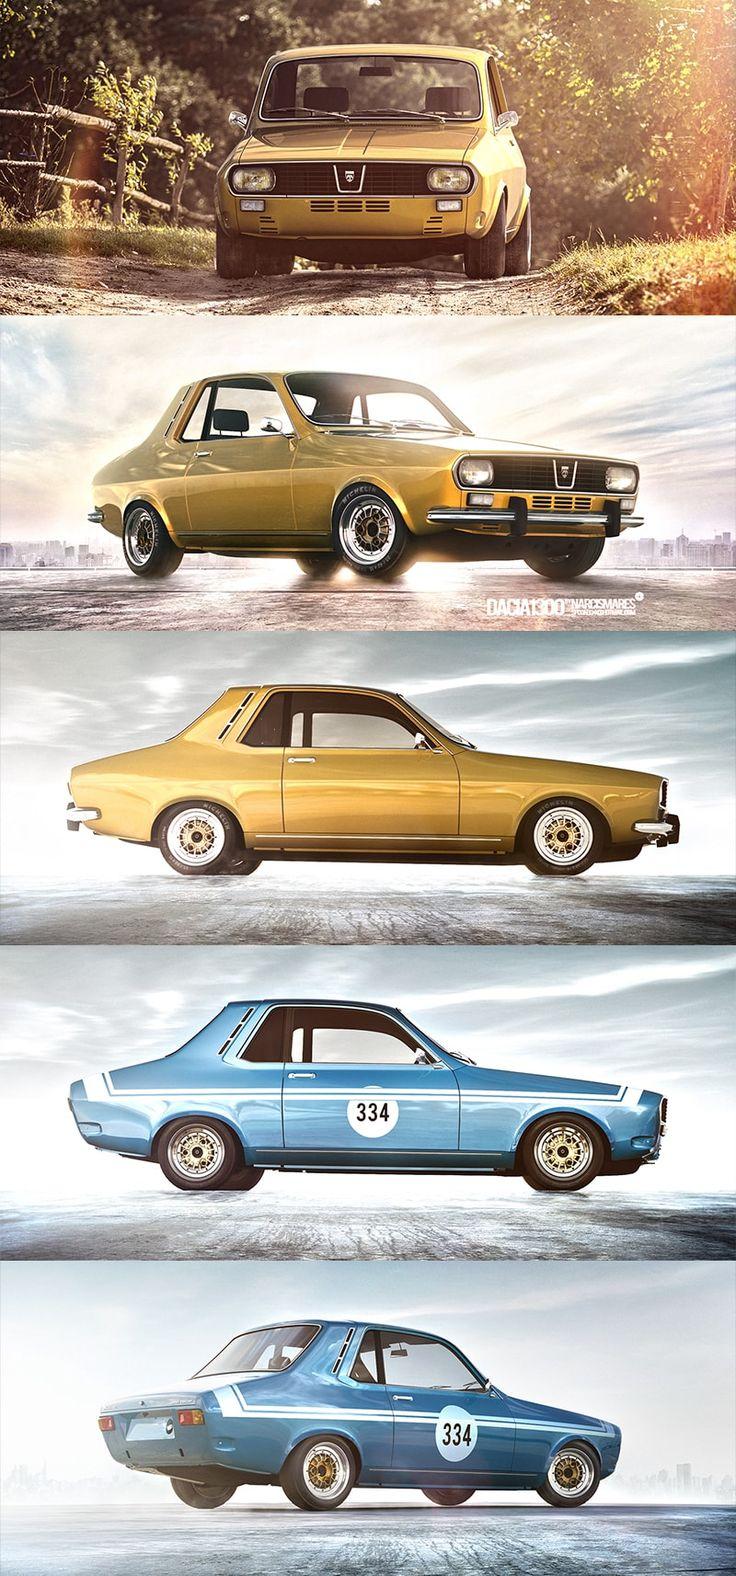 2015 update of the 2 door version of the Renault 12 / Dacia 1300 #dacia…